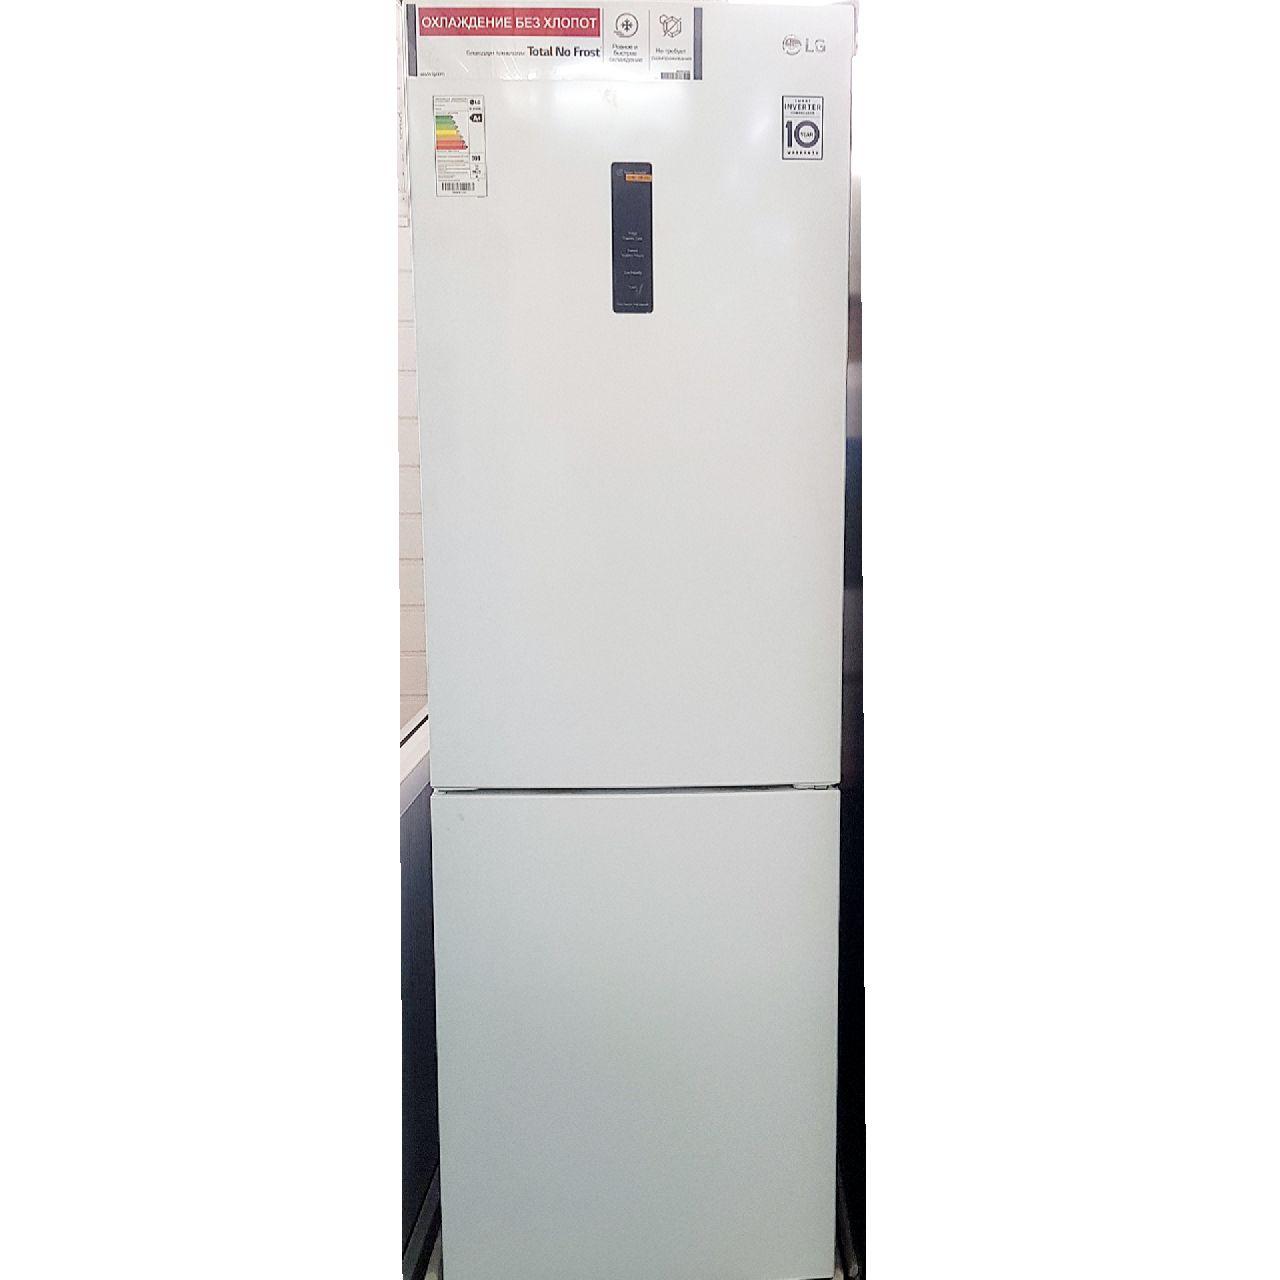 Холодильник двухкамерный LG 341 литр